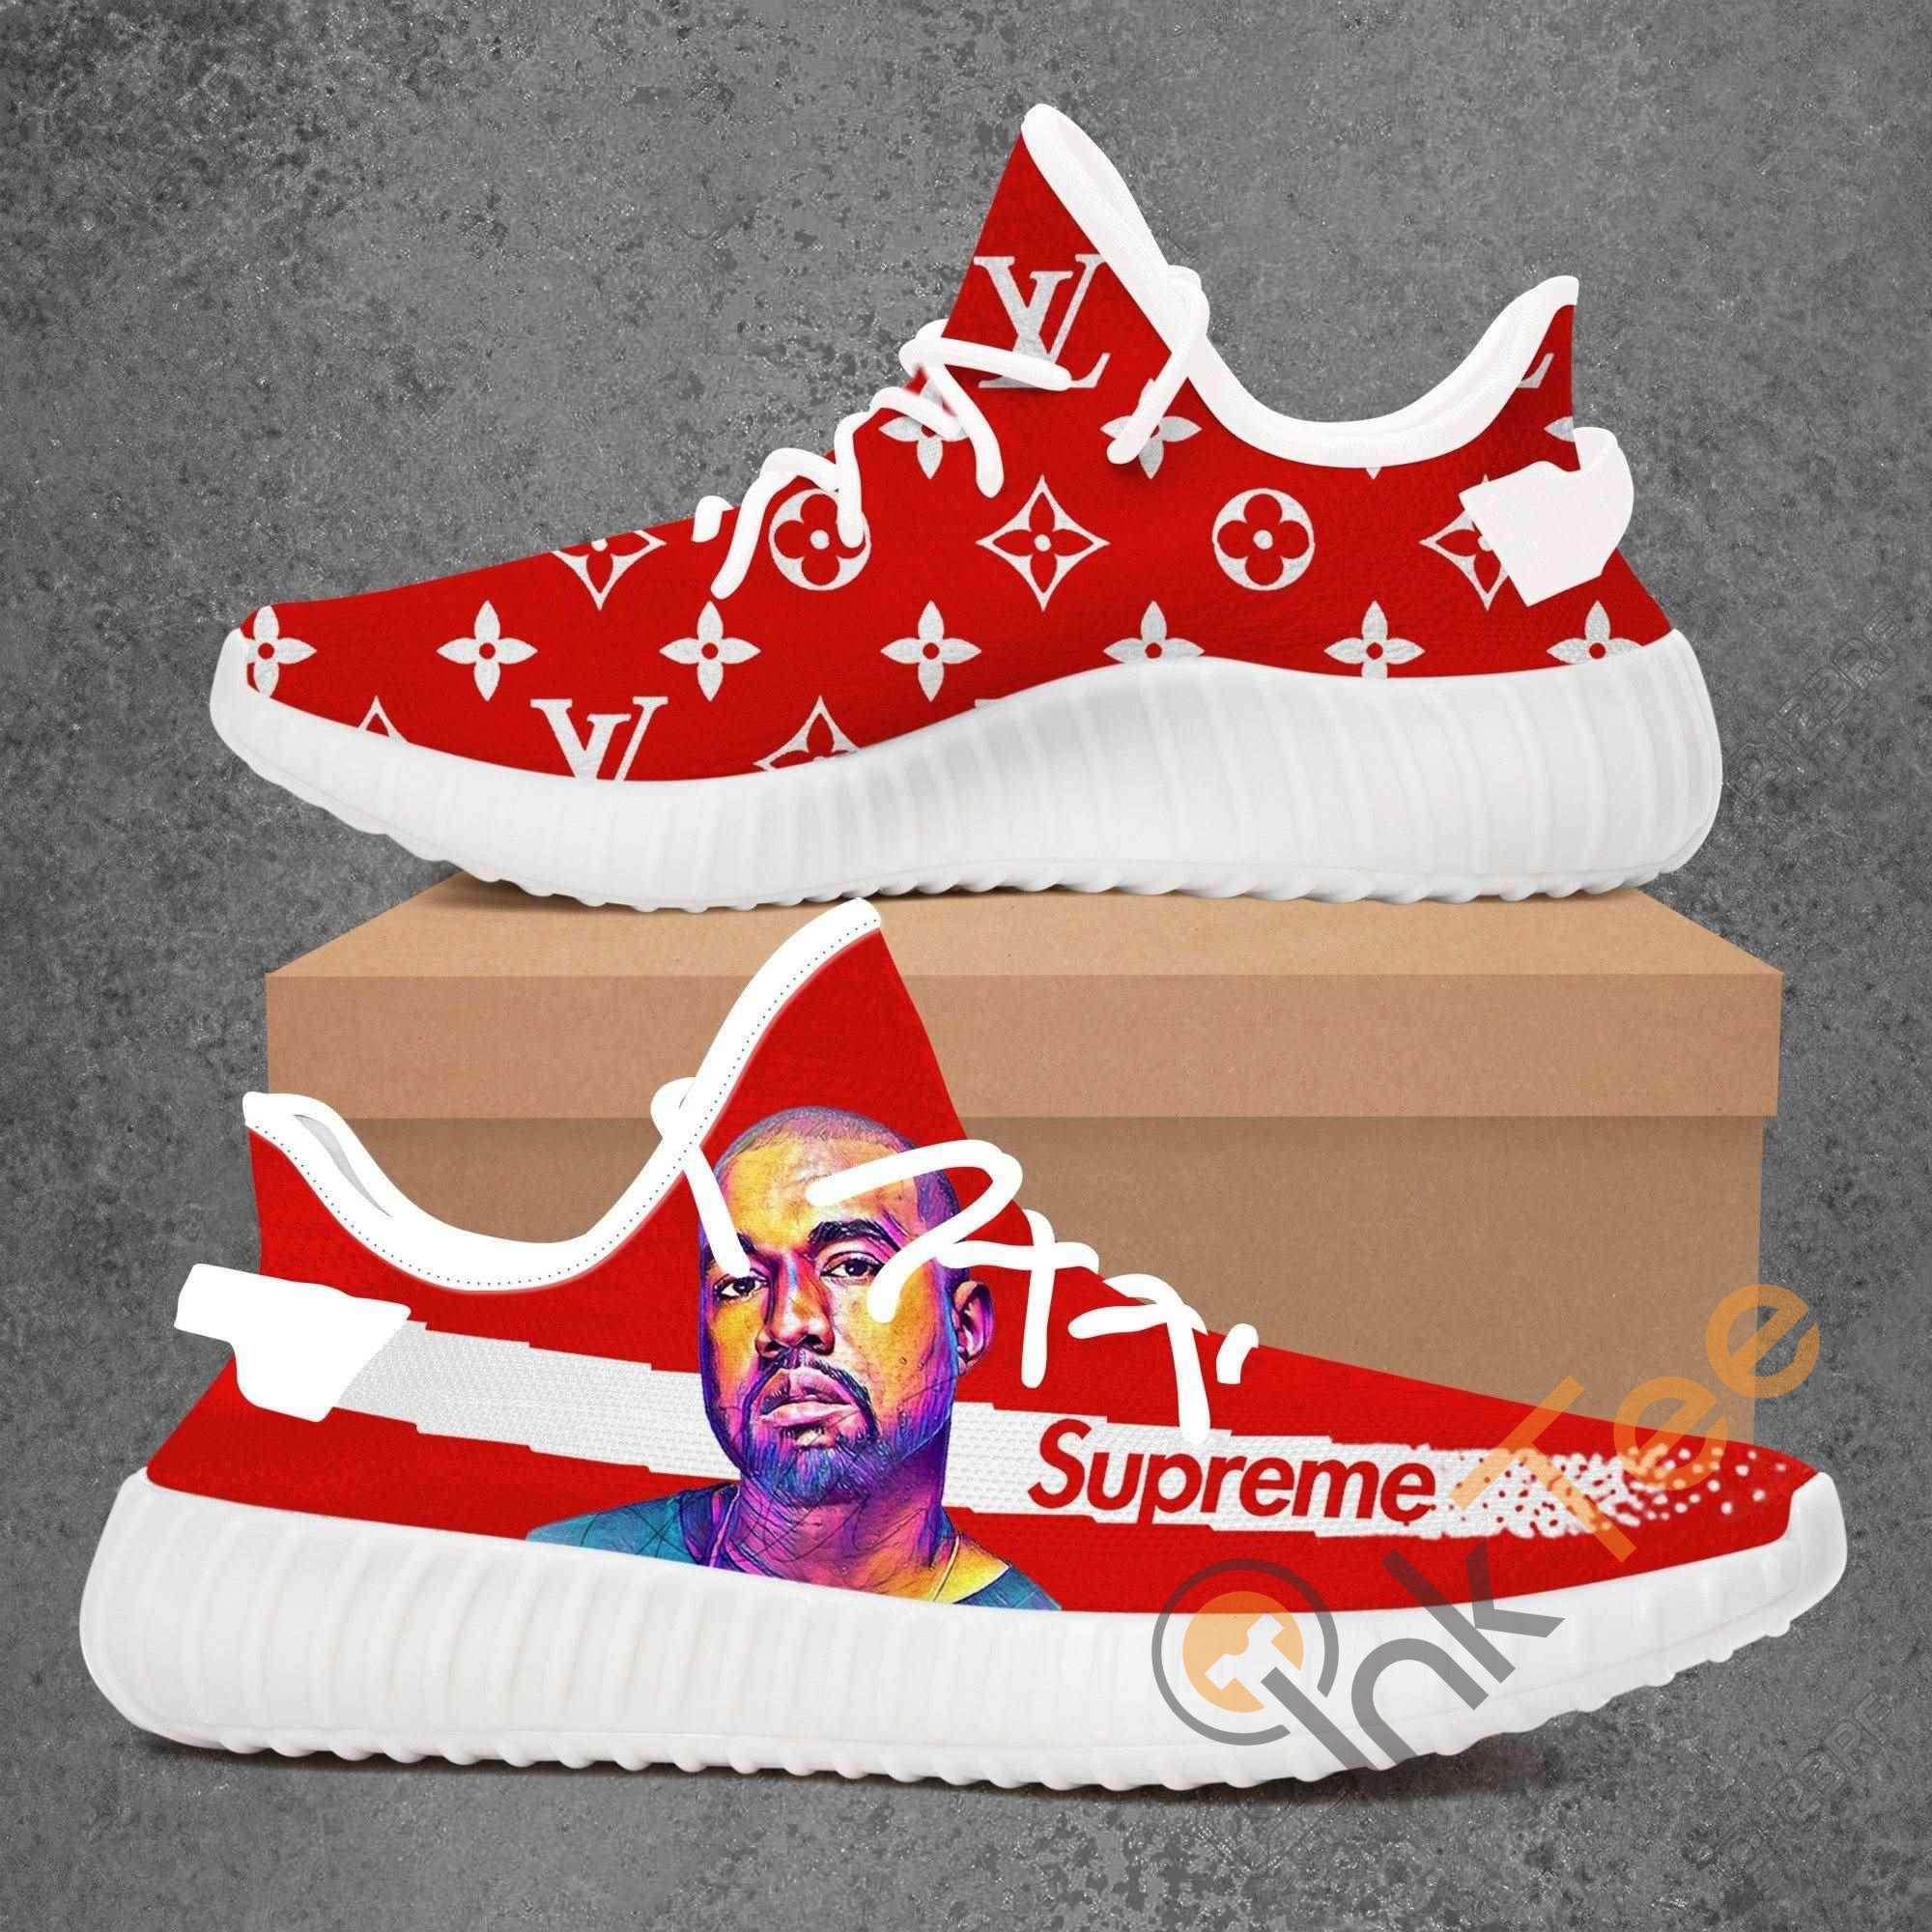 supreme yeezy